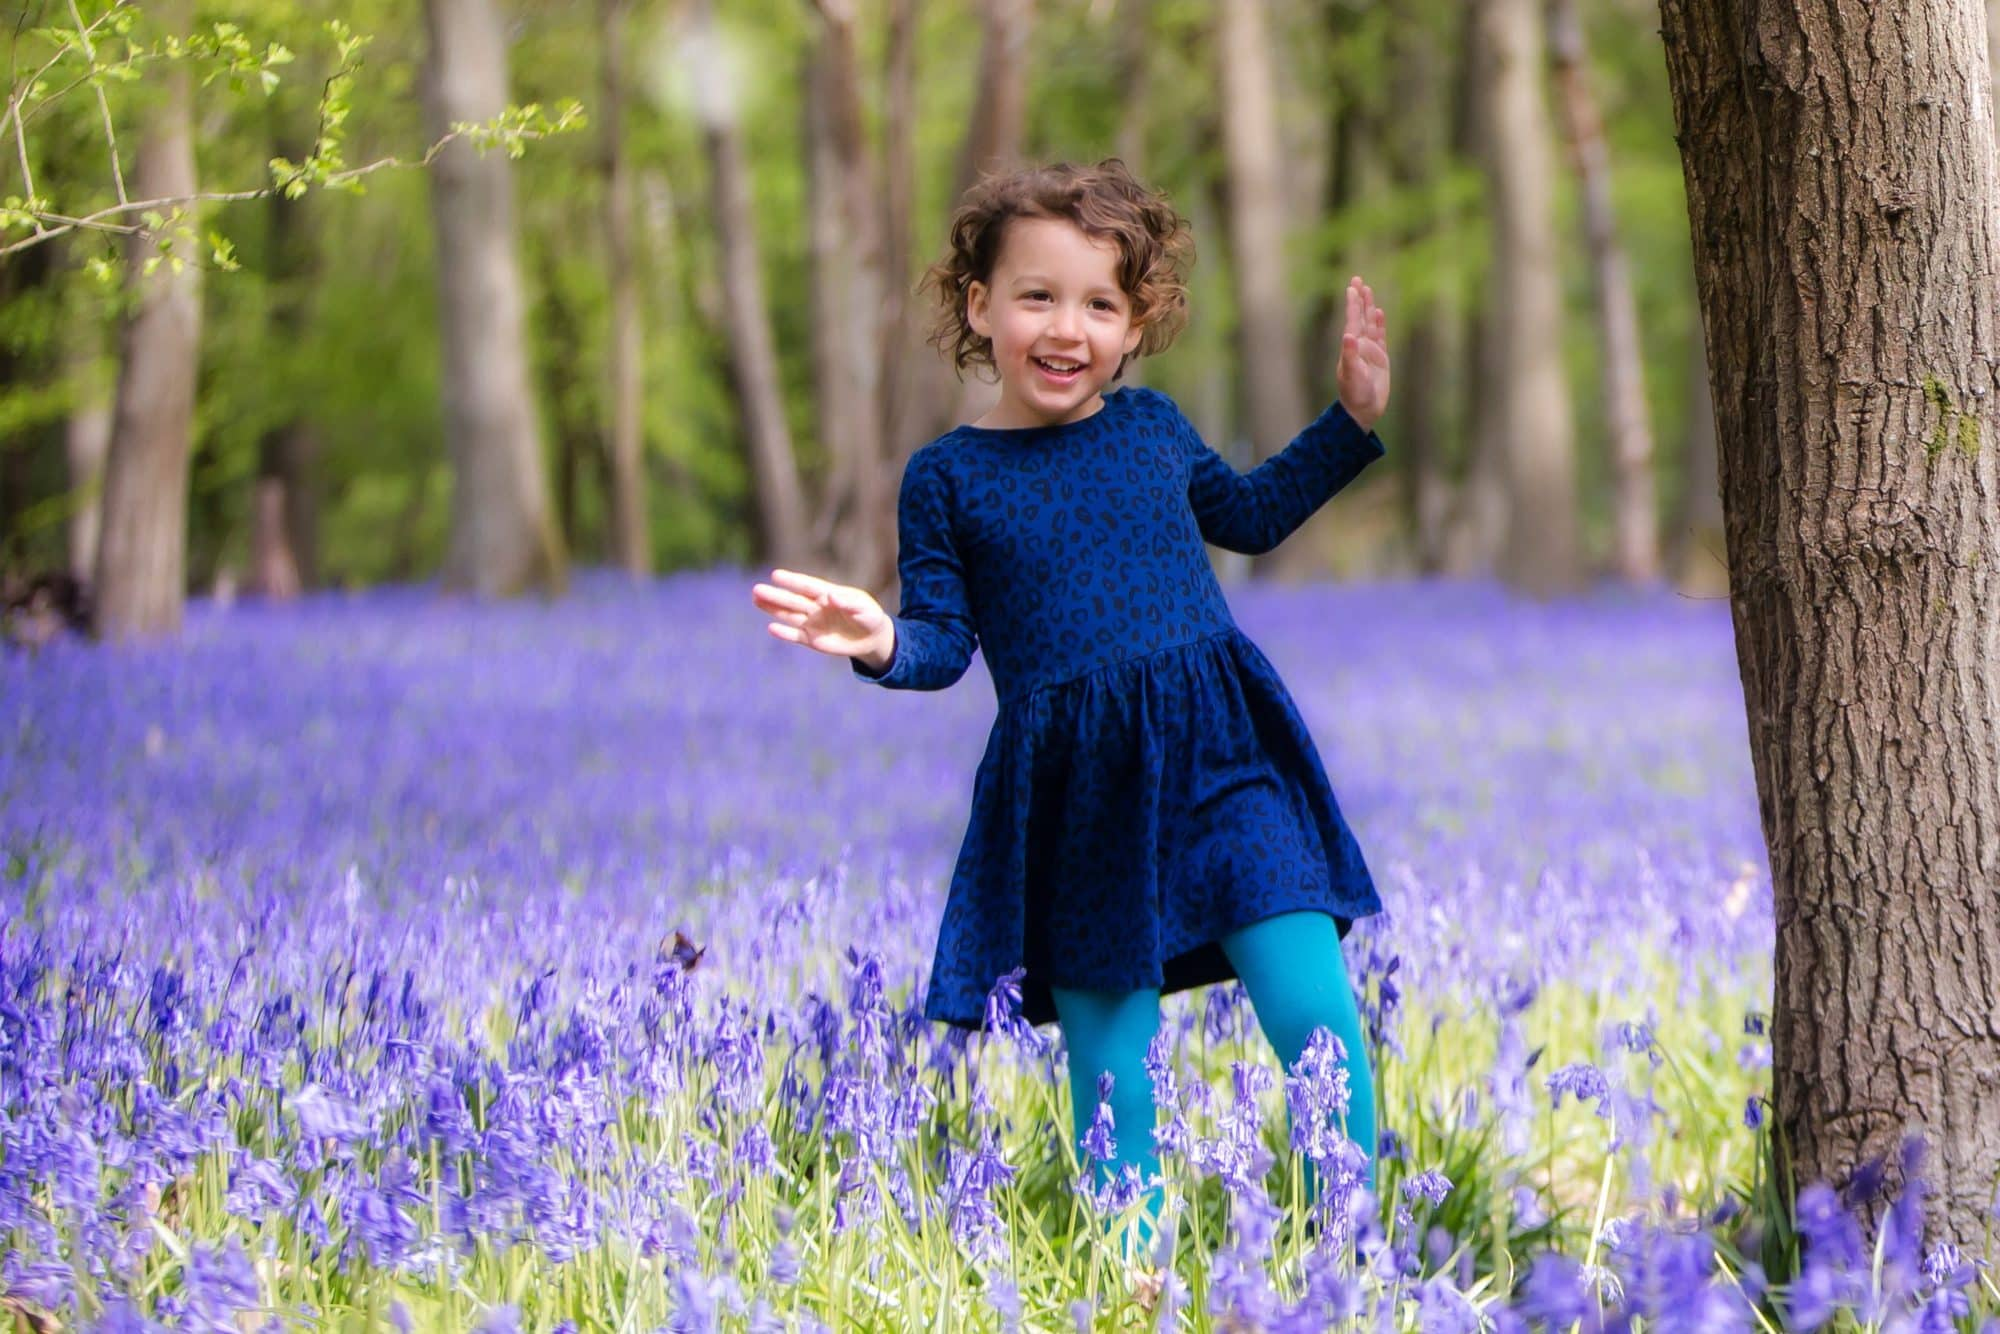 Little girl in bluebells